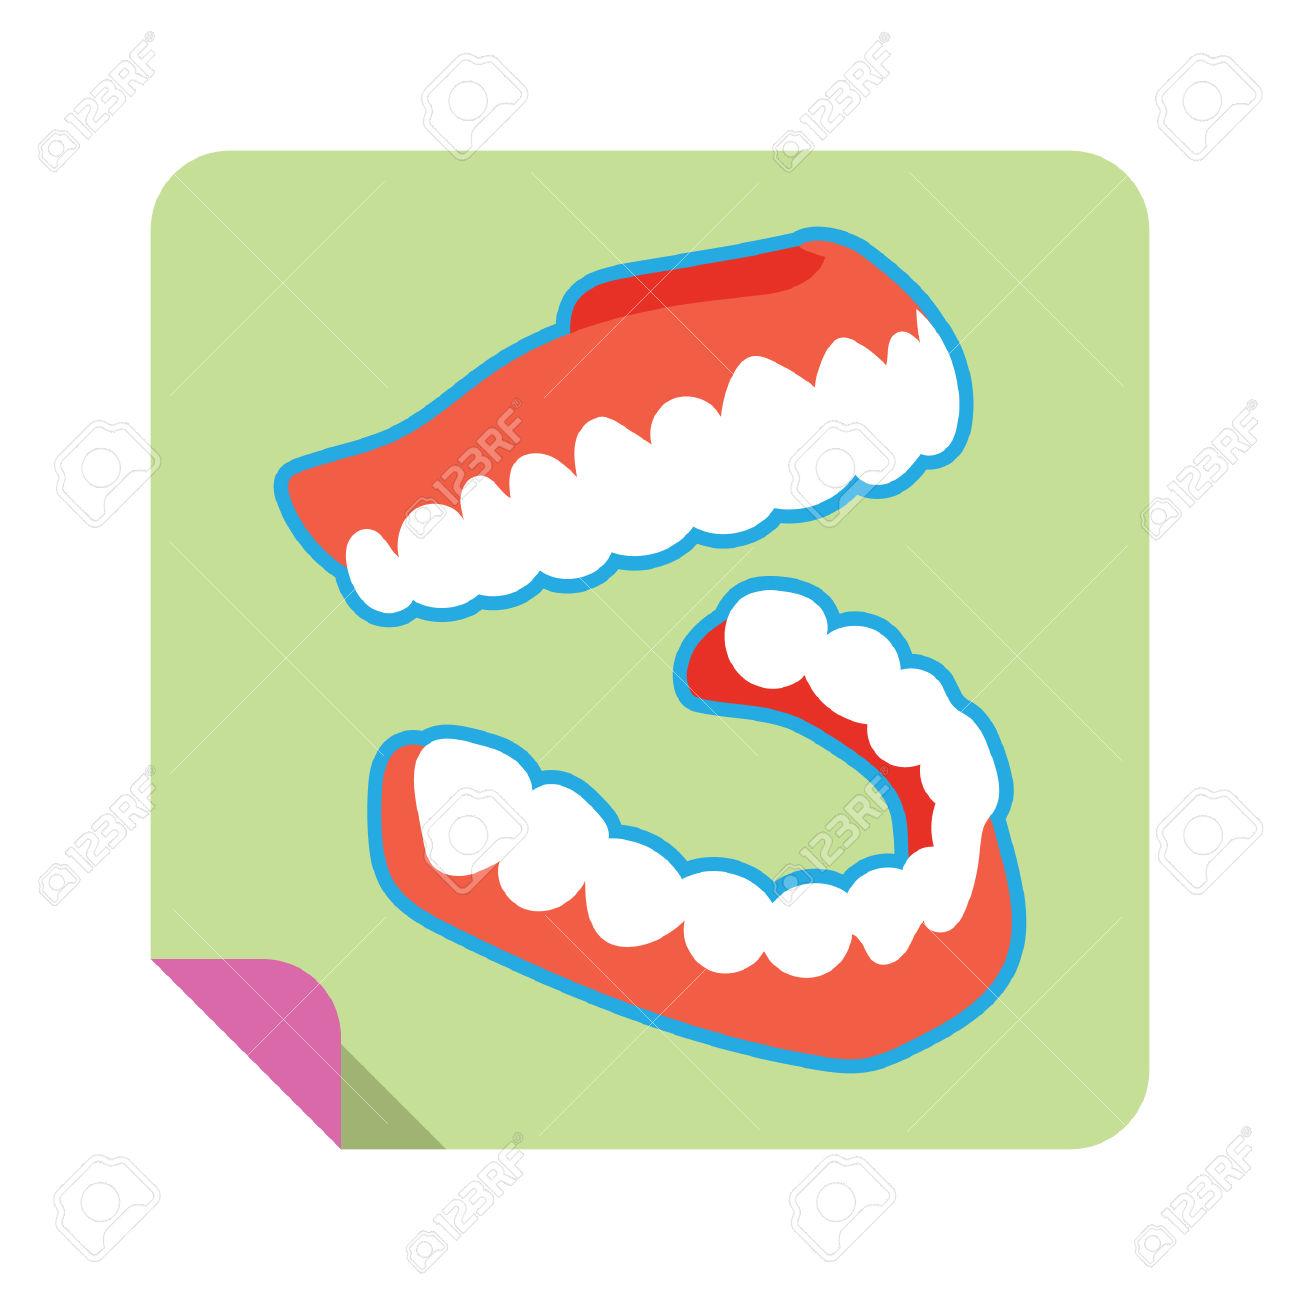 Una Protesi Dentaria Clipart Royalty.